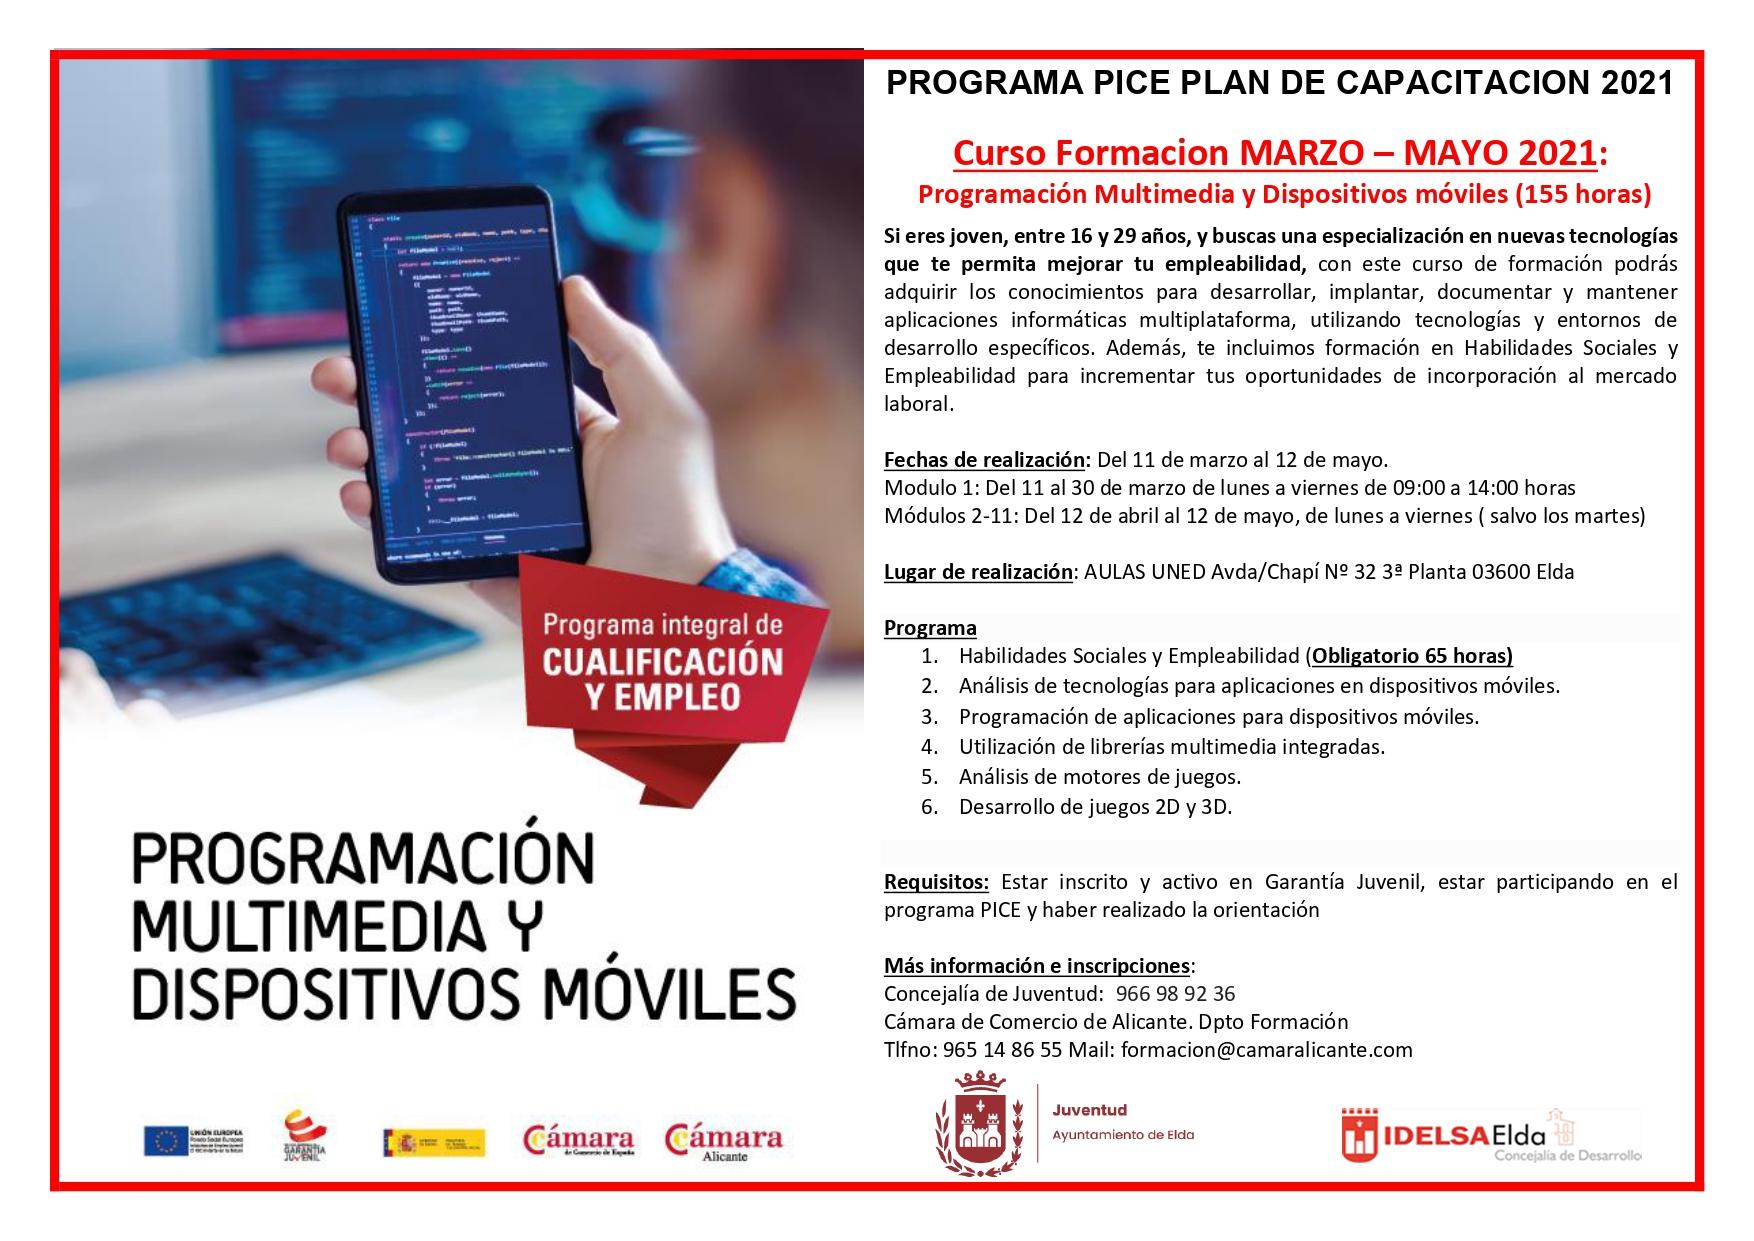 """El Ayuntamiento de Elda ofrece el curso """"Programación Multimedia y Dispositivos Móviles"""" destinado a jóvenes sin empleo"""